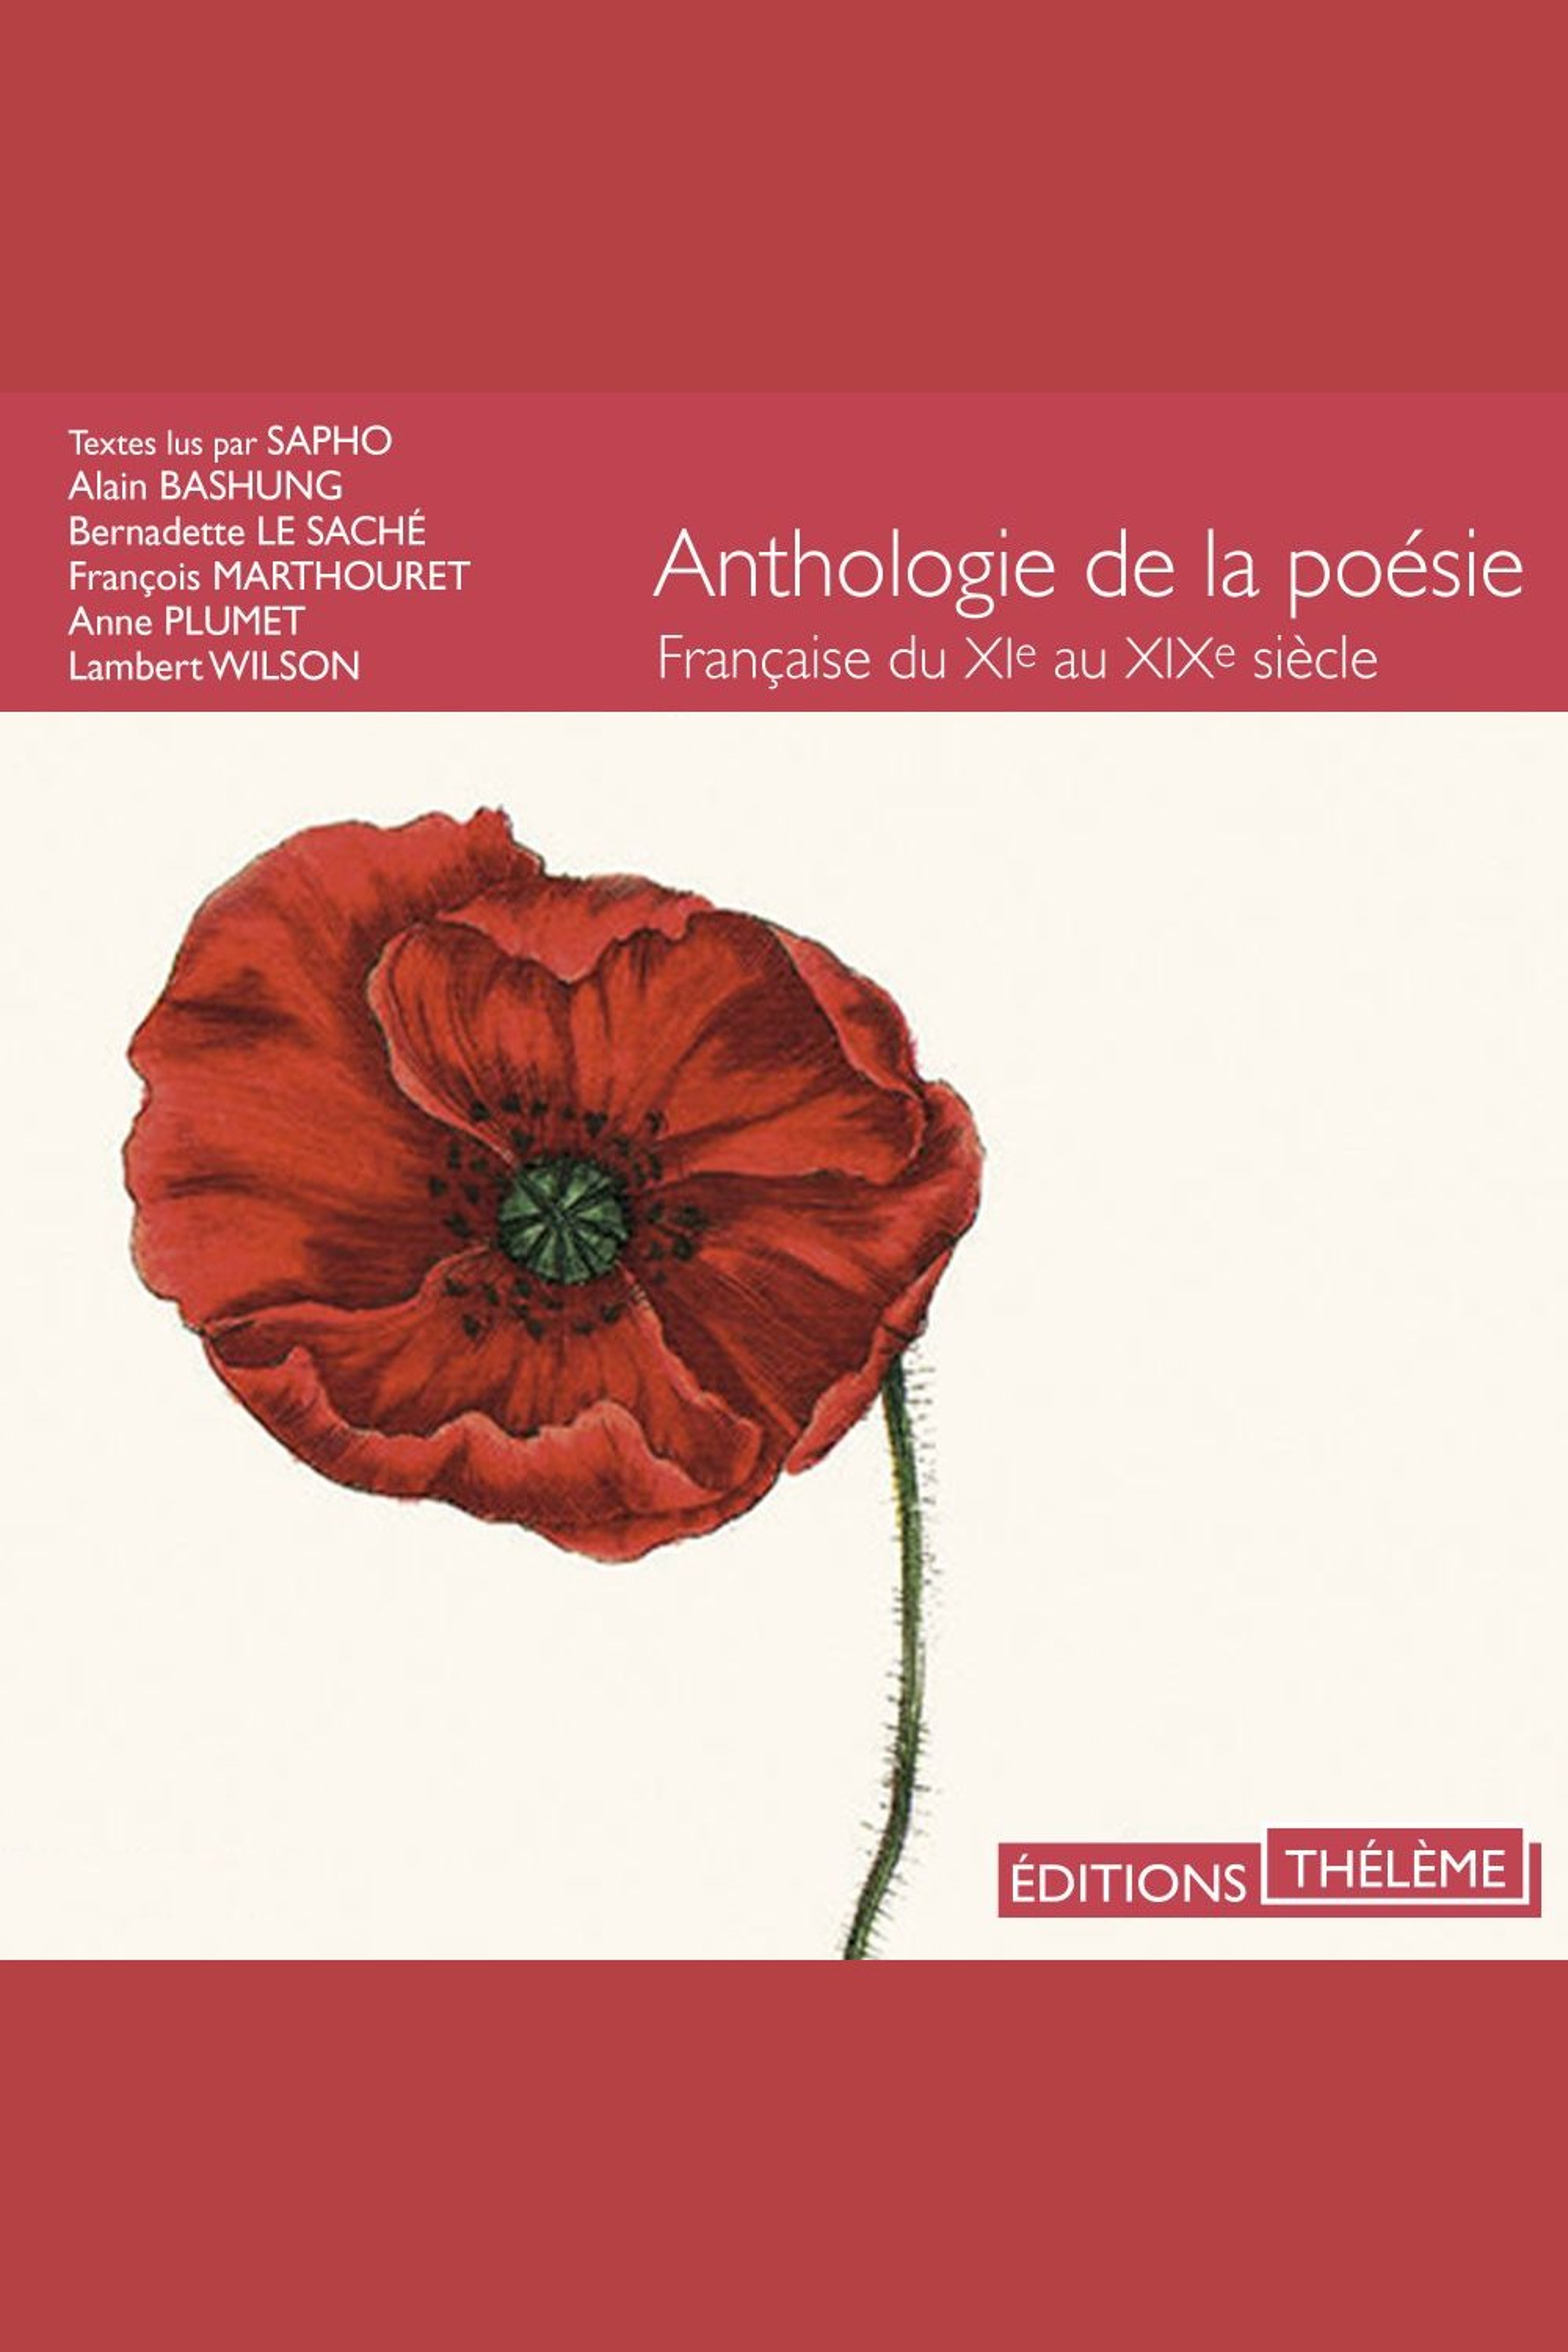 Image: Anthologie de la poésie française du XIème au XIXème siècle